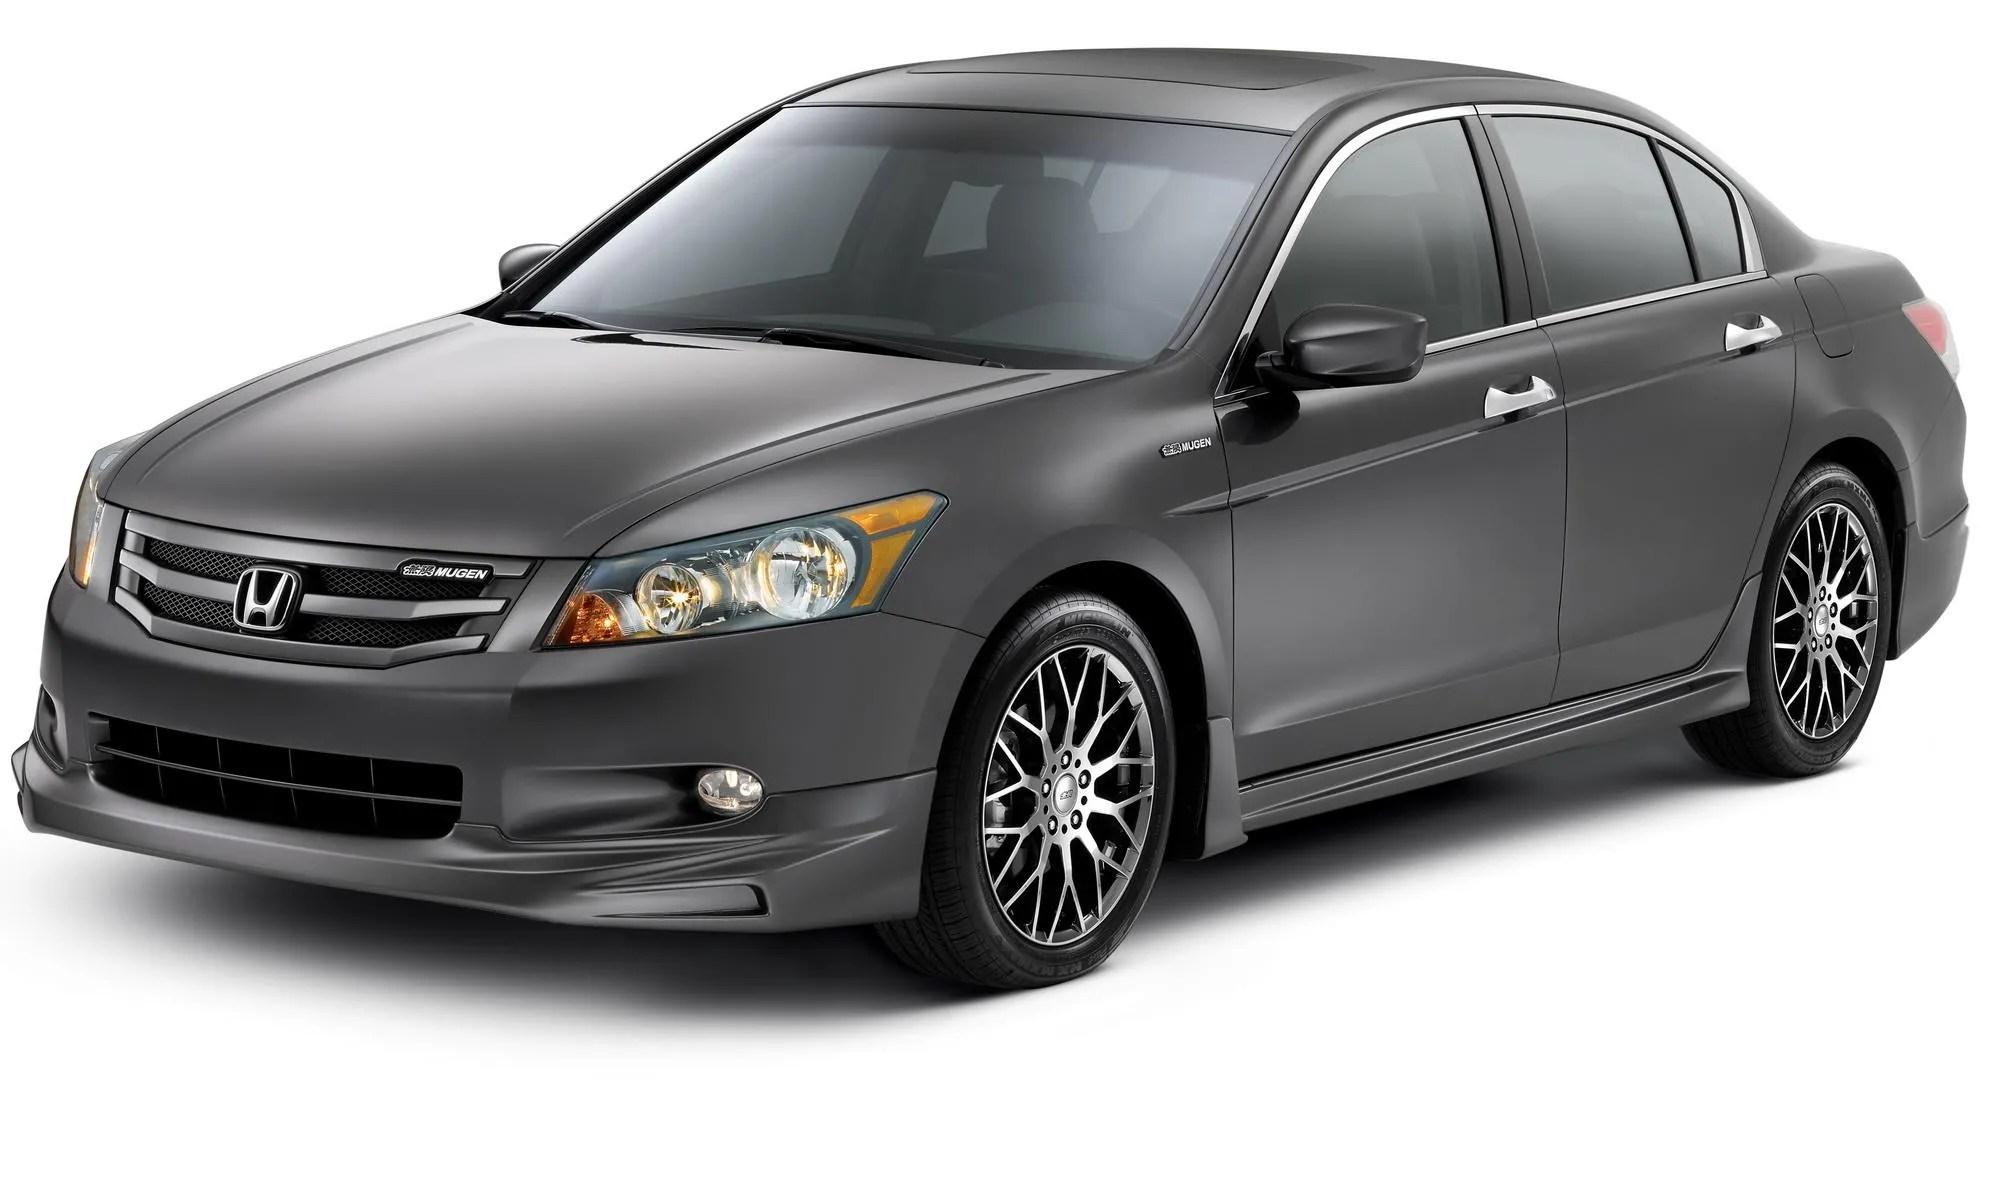 hight resolution of 2009 honda accord sedan by mugen